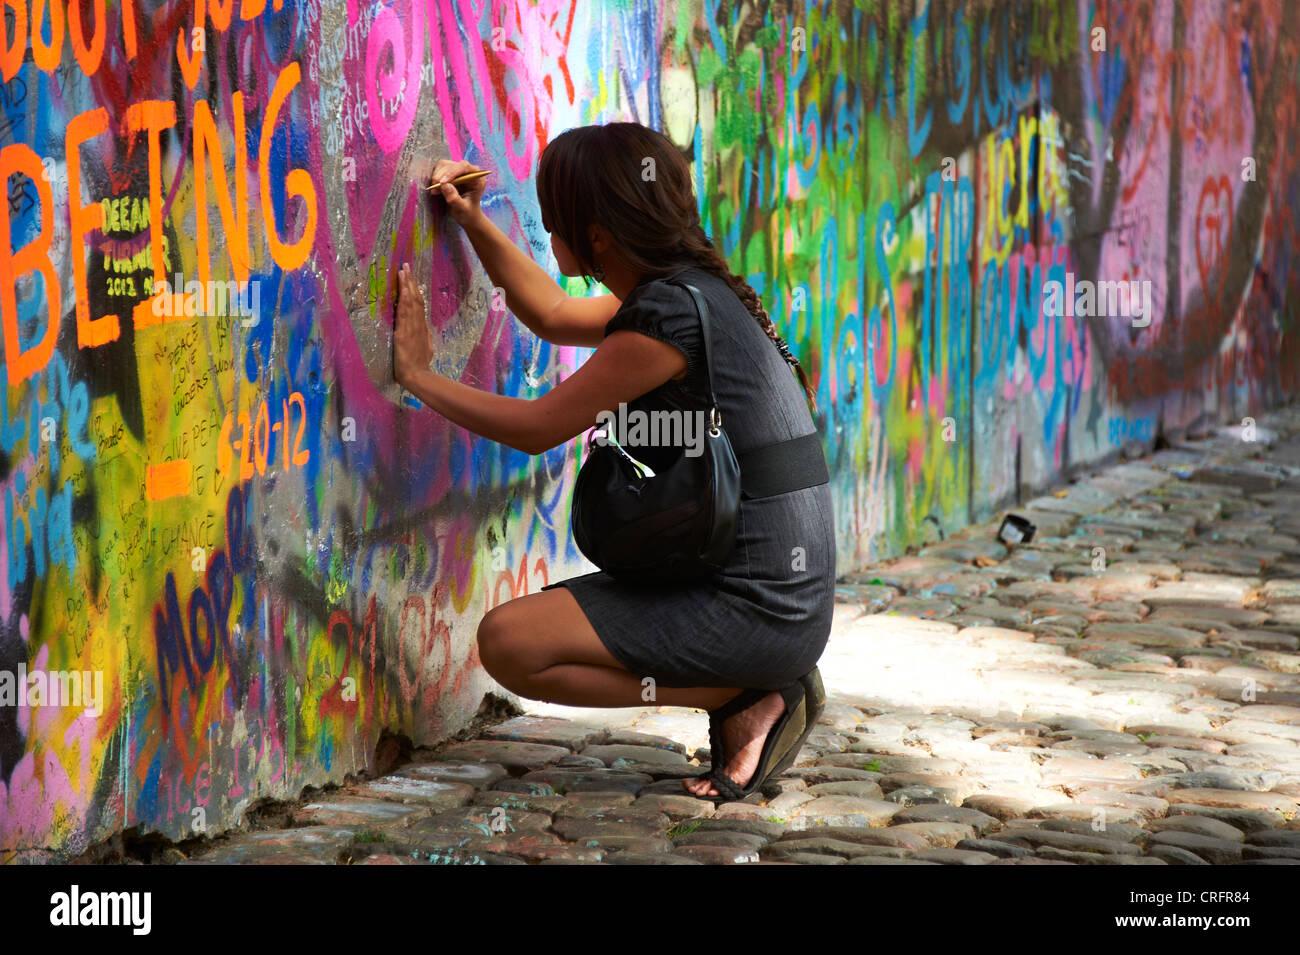 Graffiti wall writing - Stock Photo The John Lennon Graffiti Wall In Prague Czech Republic Tourist Woman Painting And Writing Testament